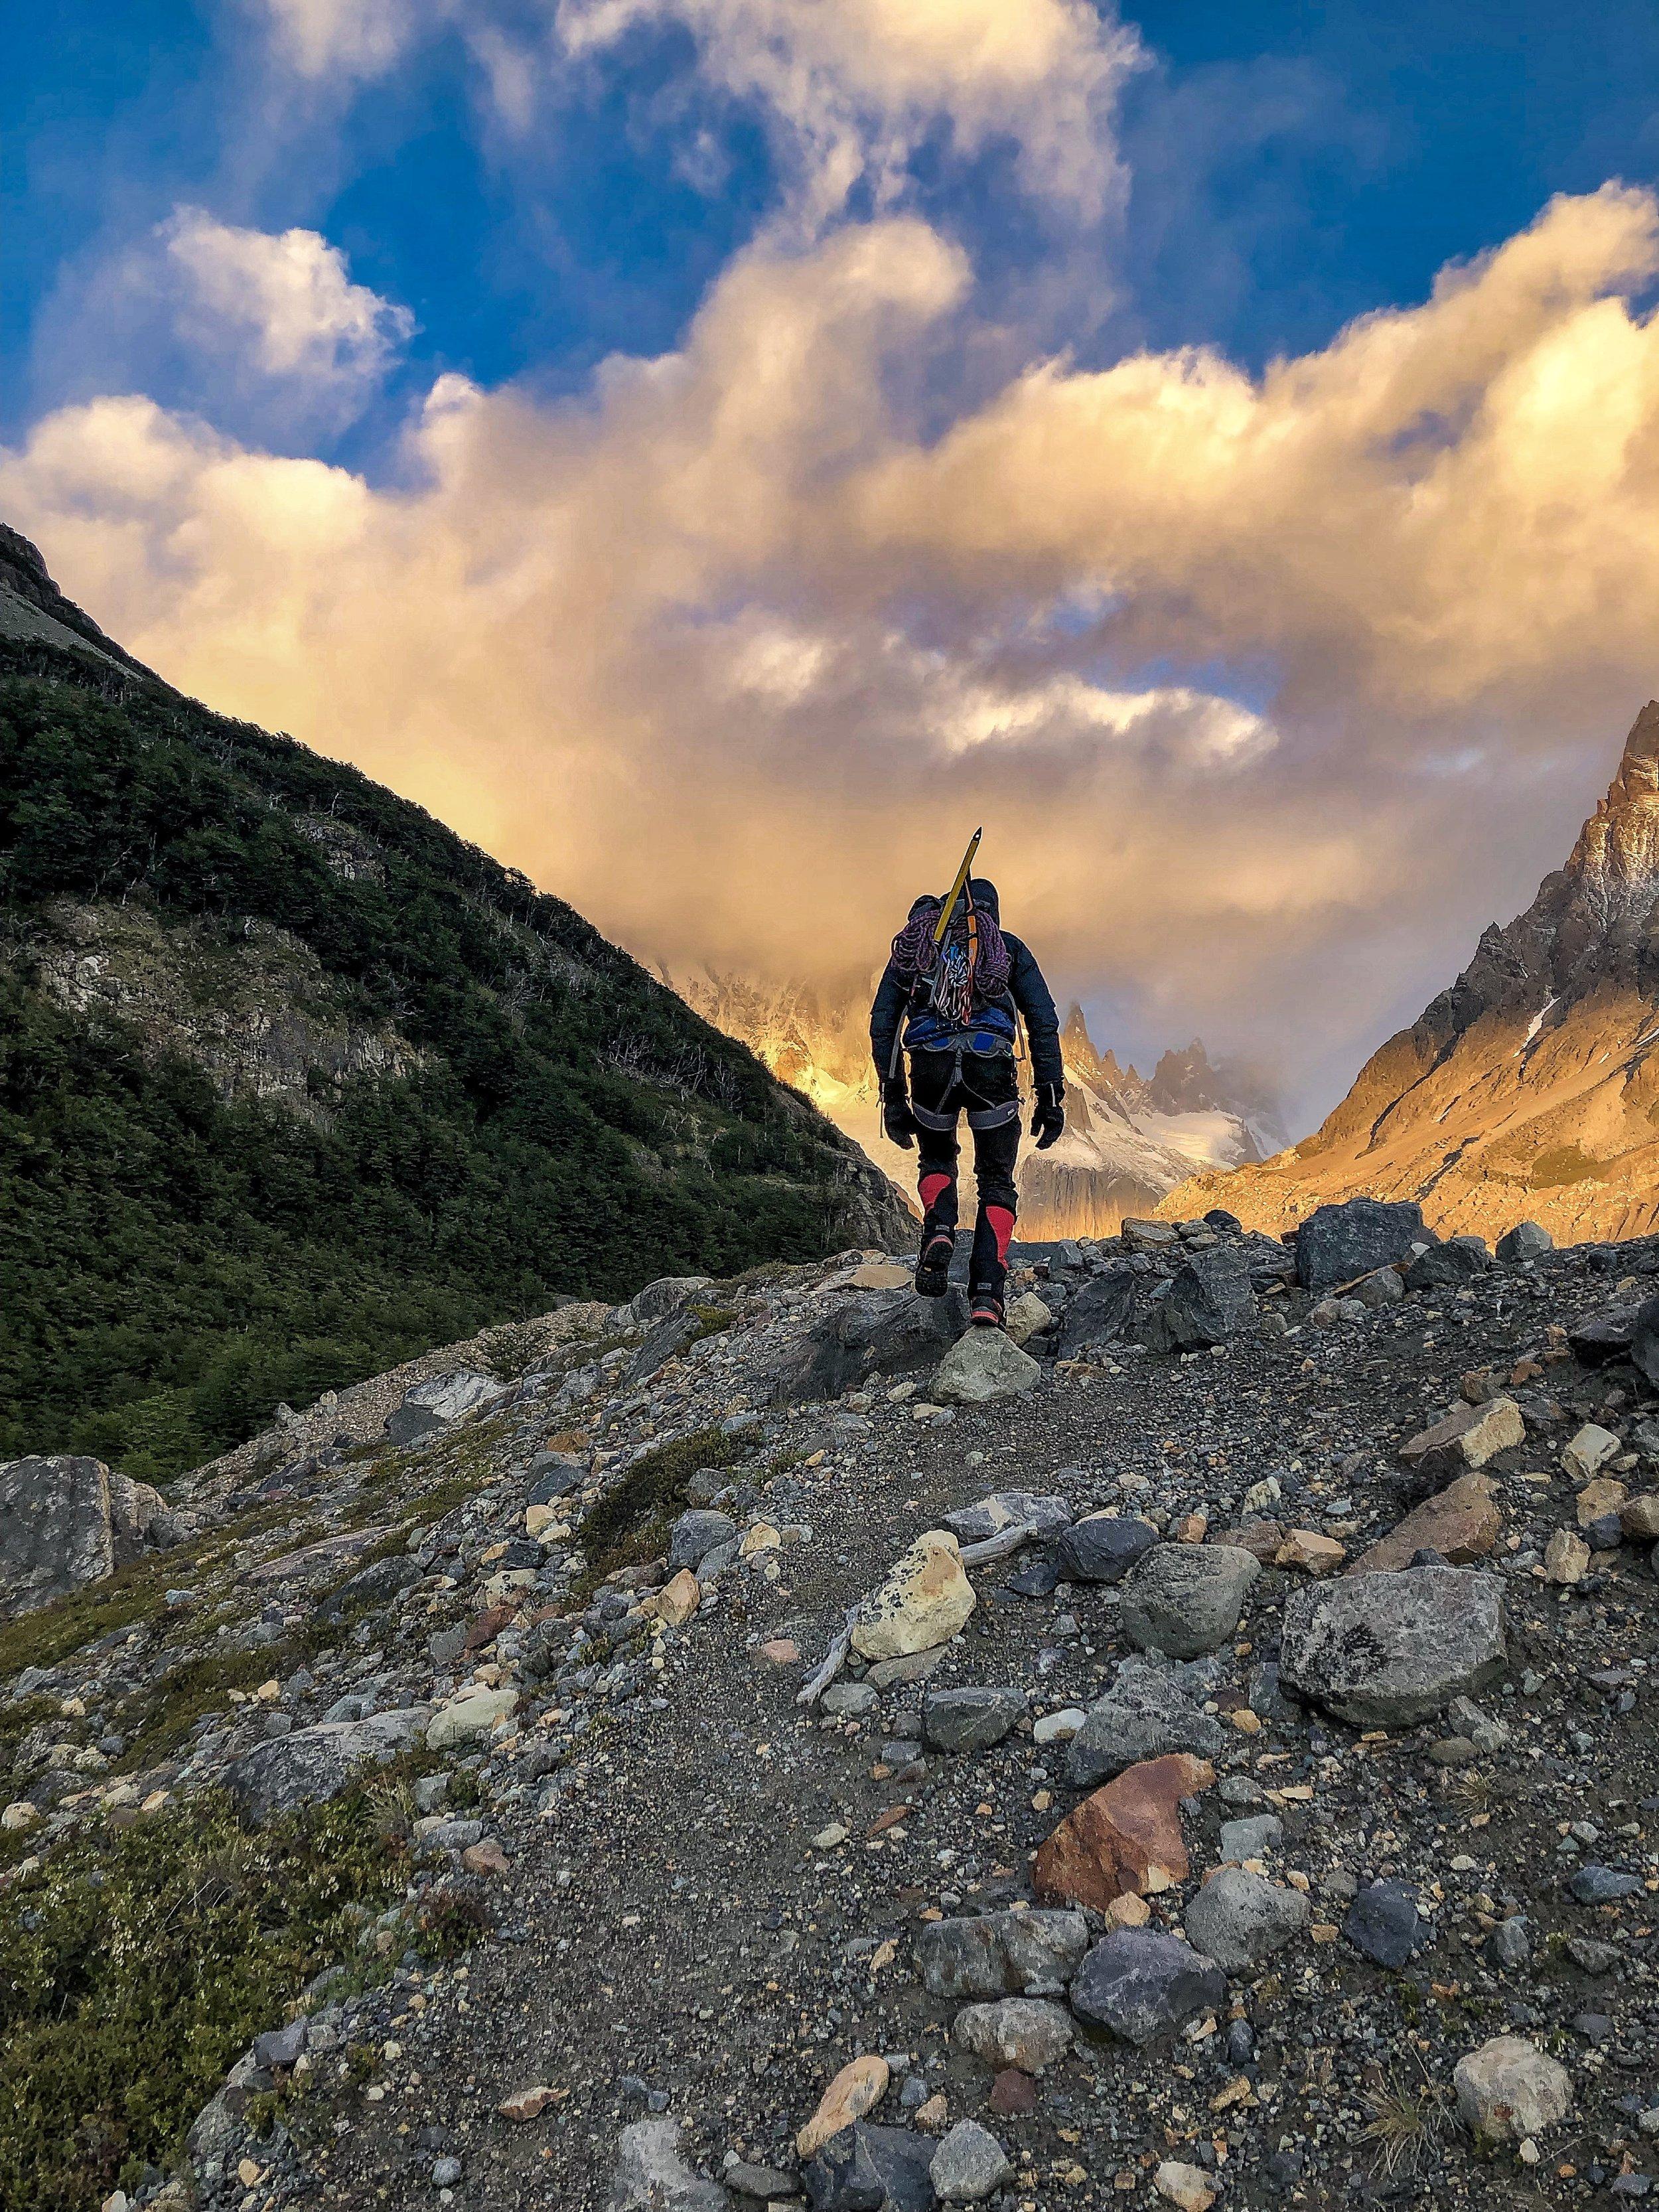 Craig making his way up Cerro Solo at dawn